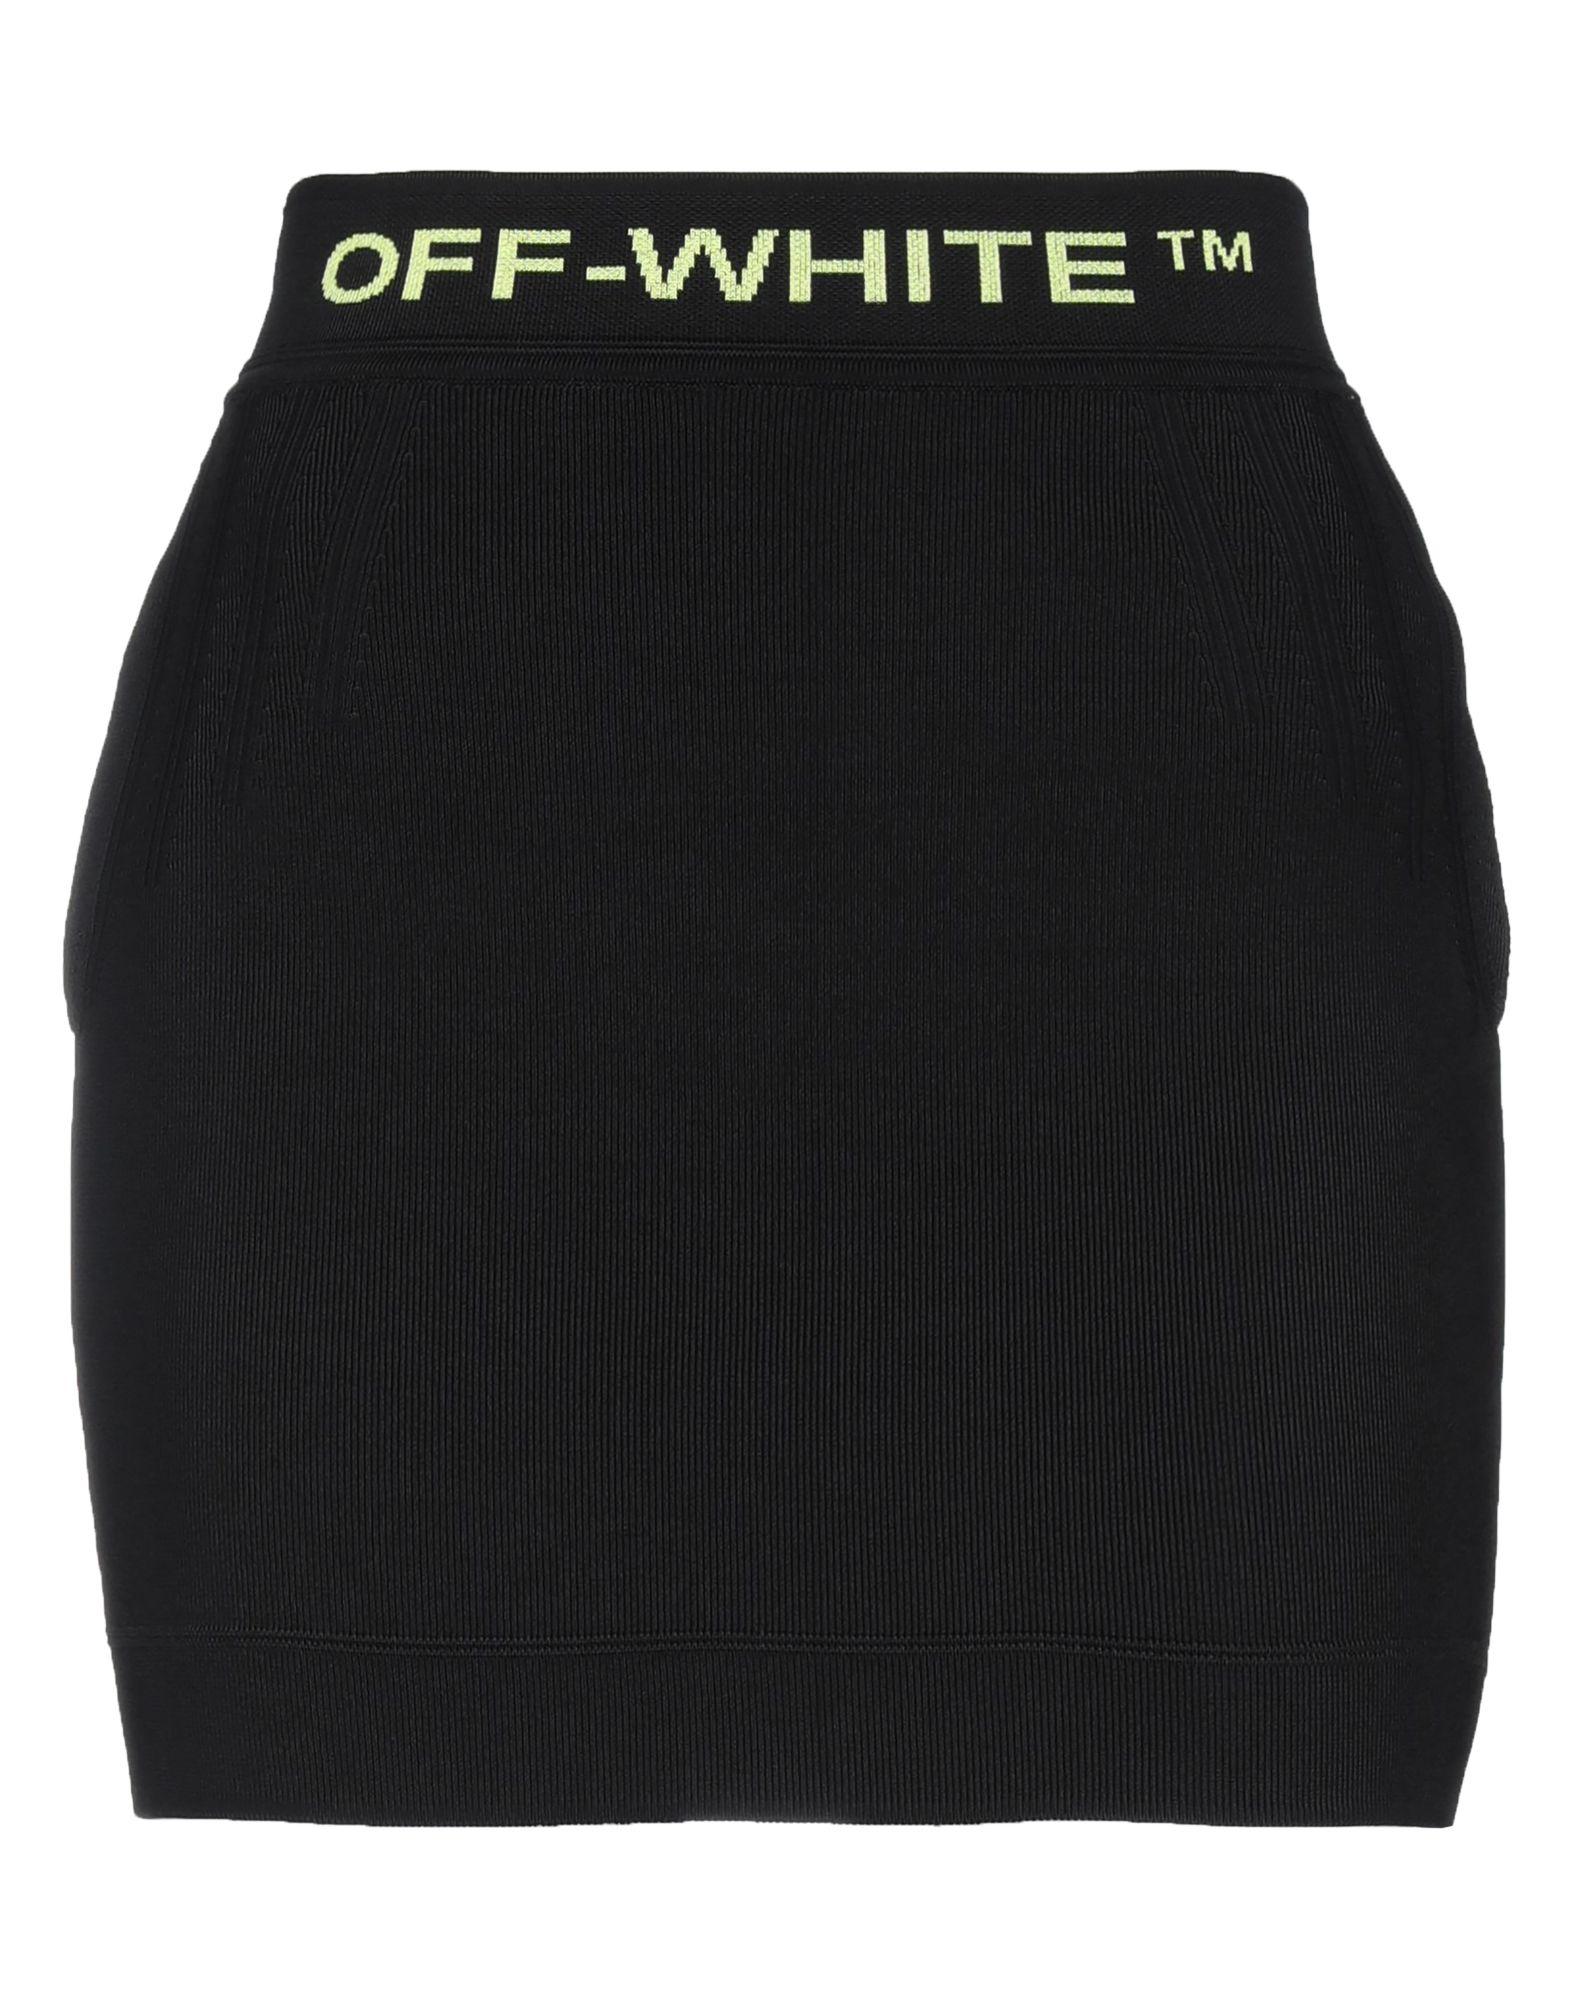 OFF-WHITE™ Мини-юбка off white™ мини юбка